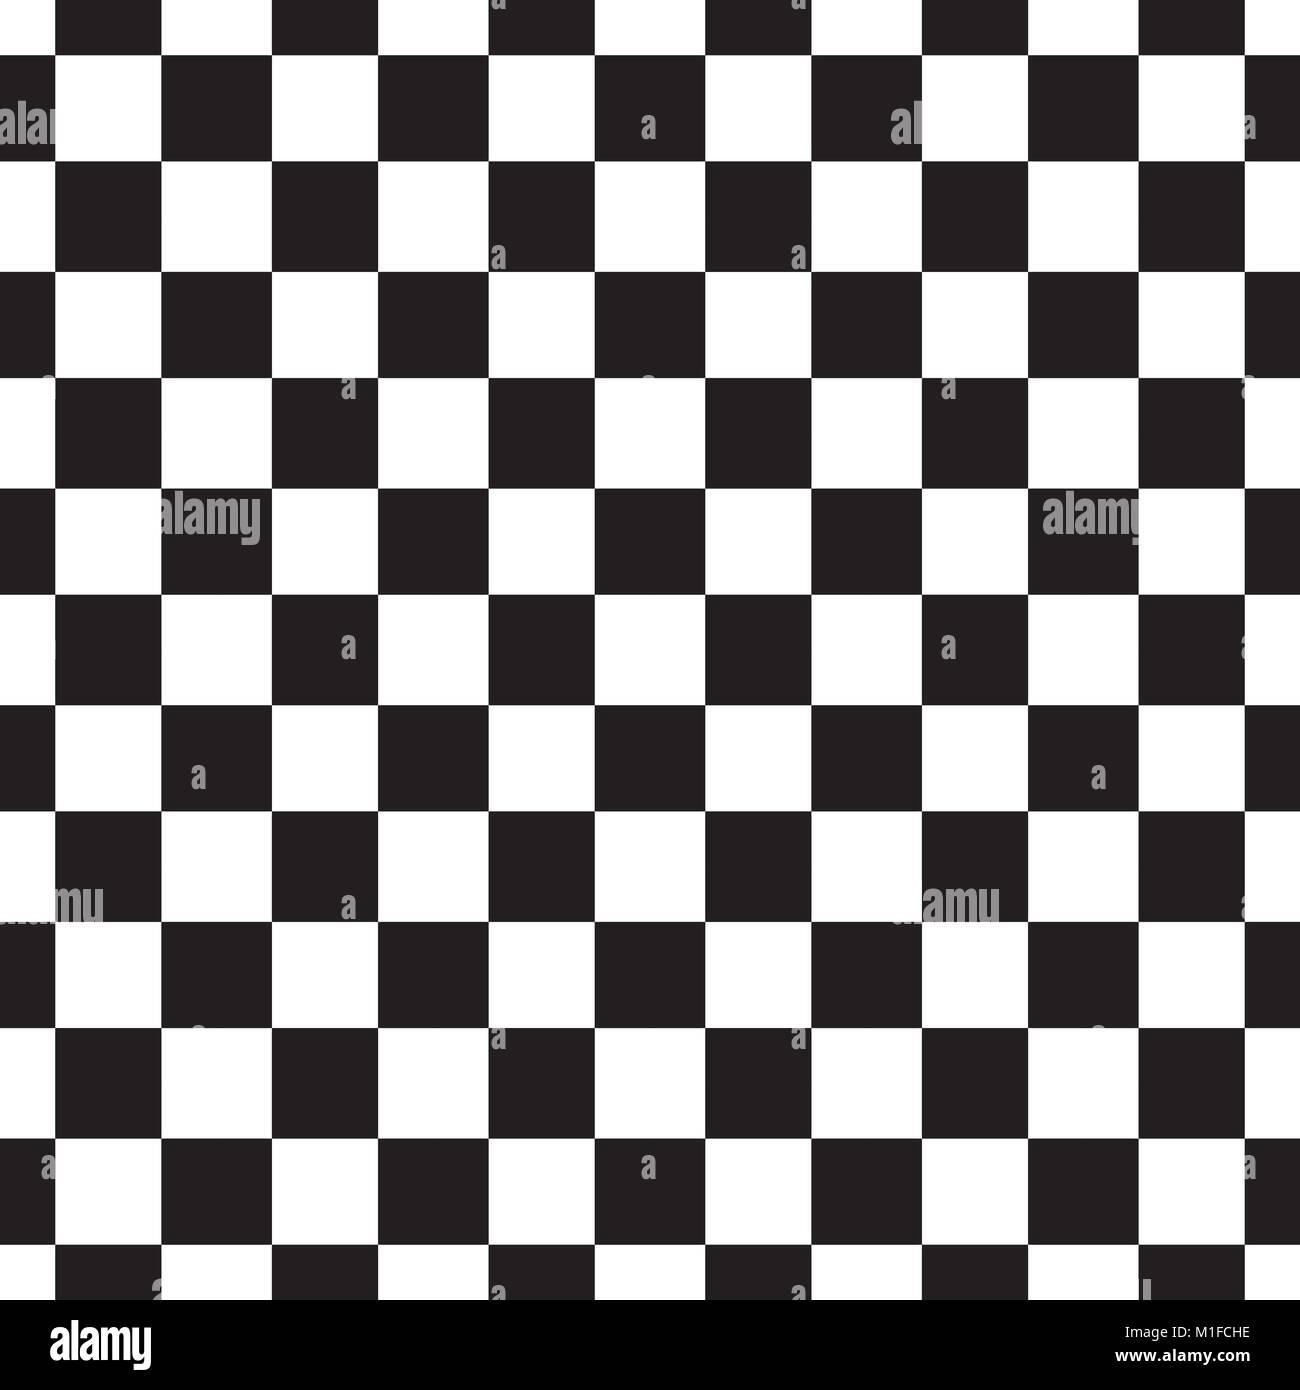 Patrón sin fisuras de tablero de ajedrez. Blanco y negro, abstracto ...